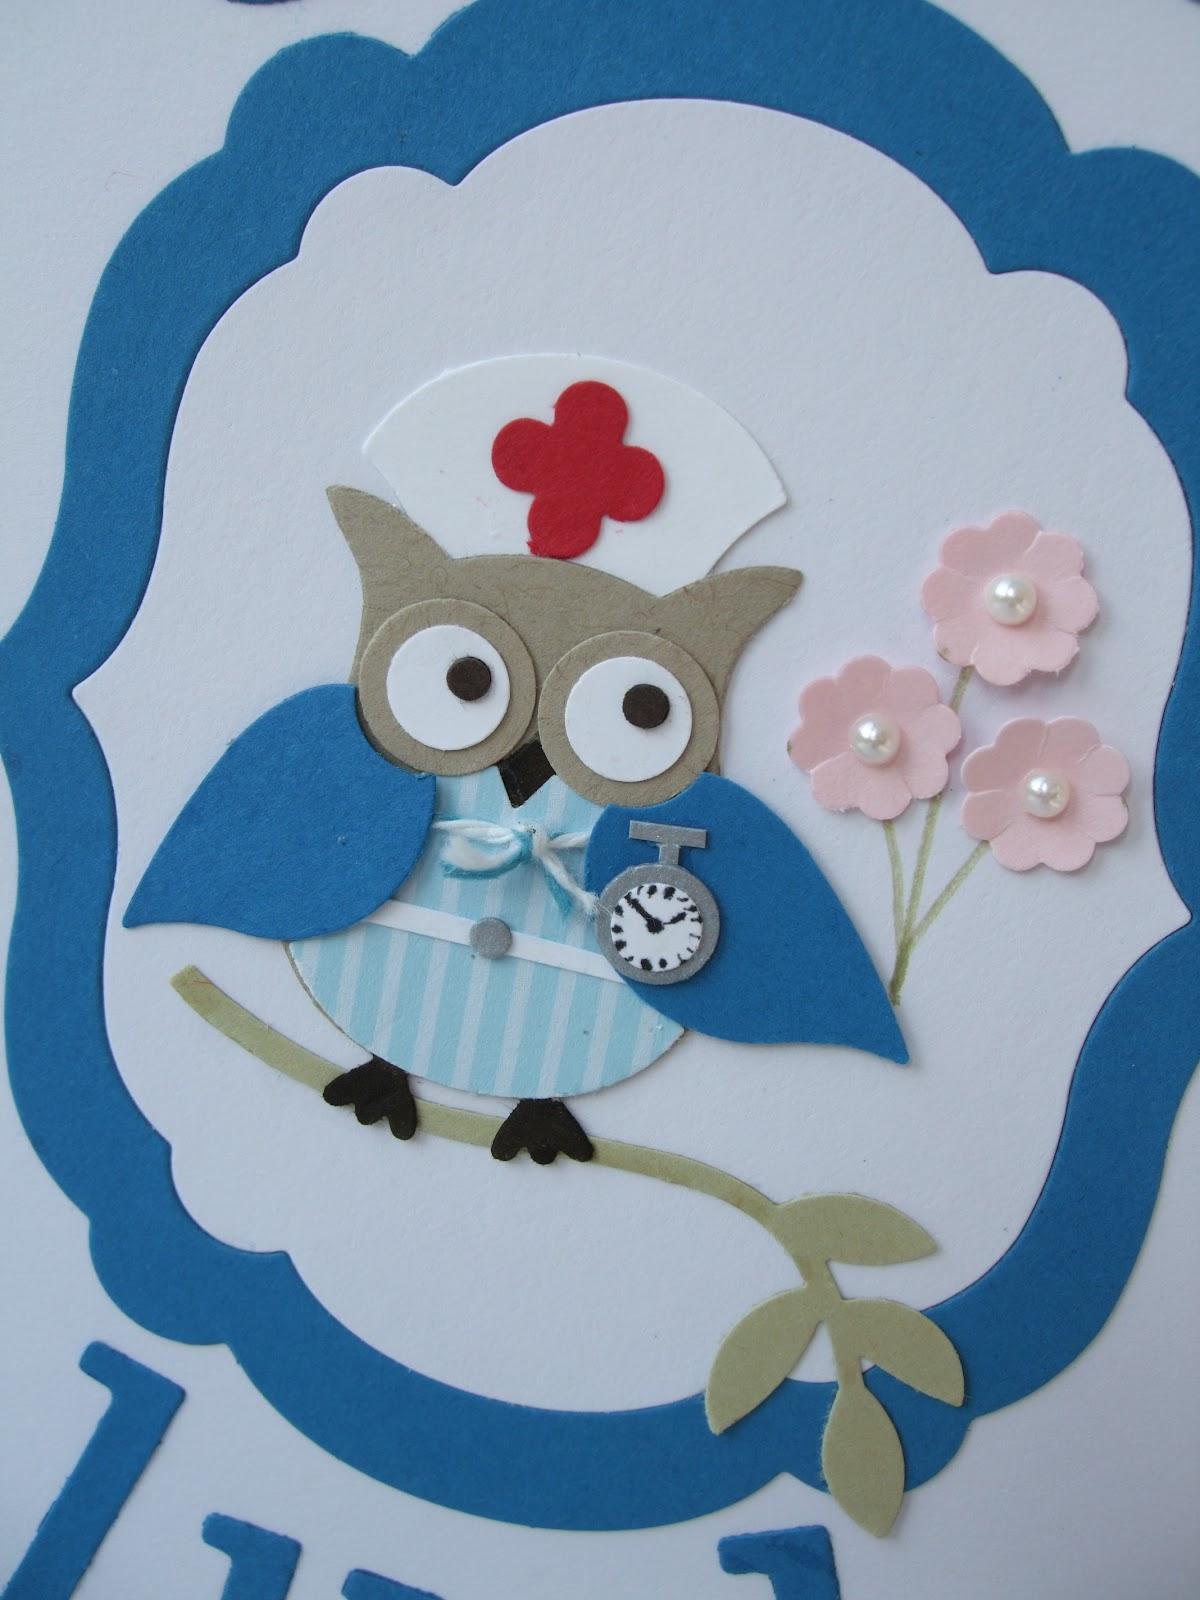 Making Papercrafts Nurse Owl